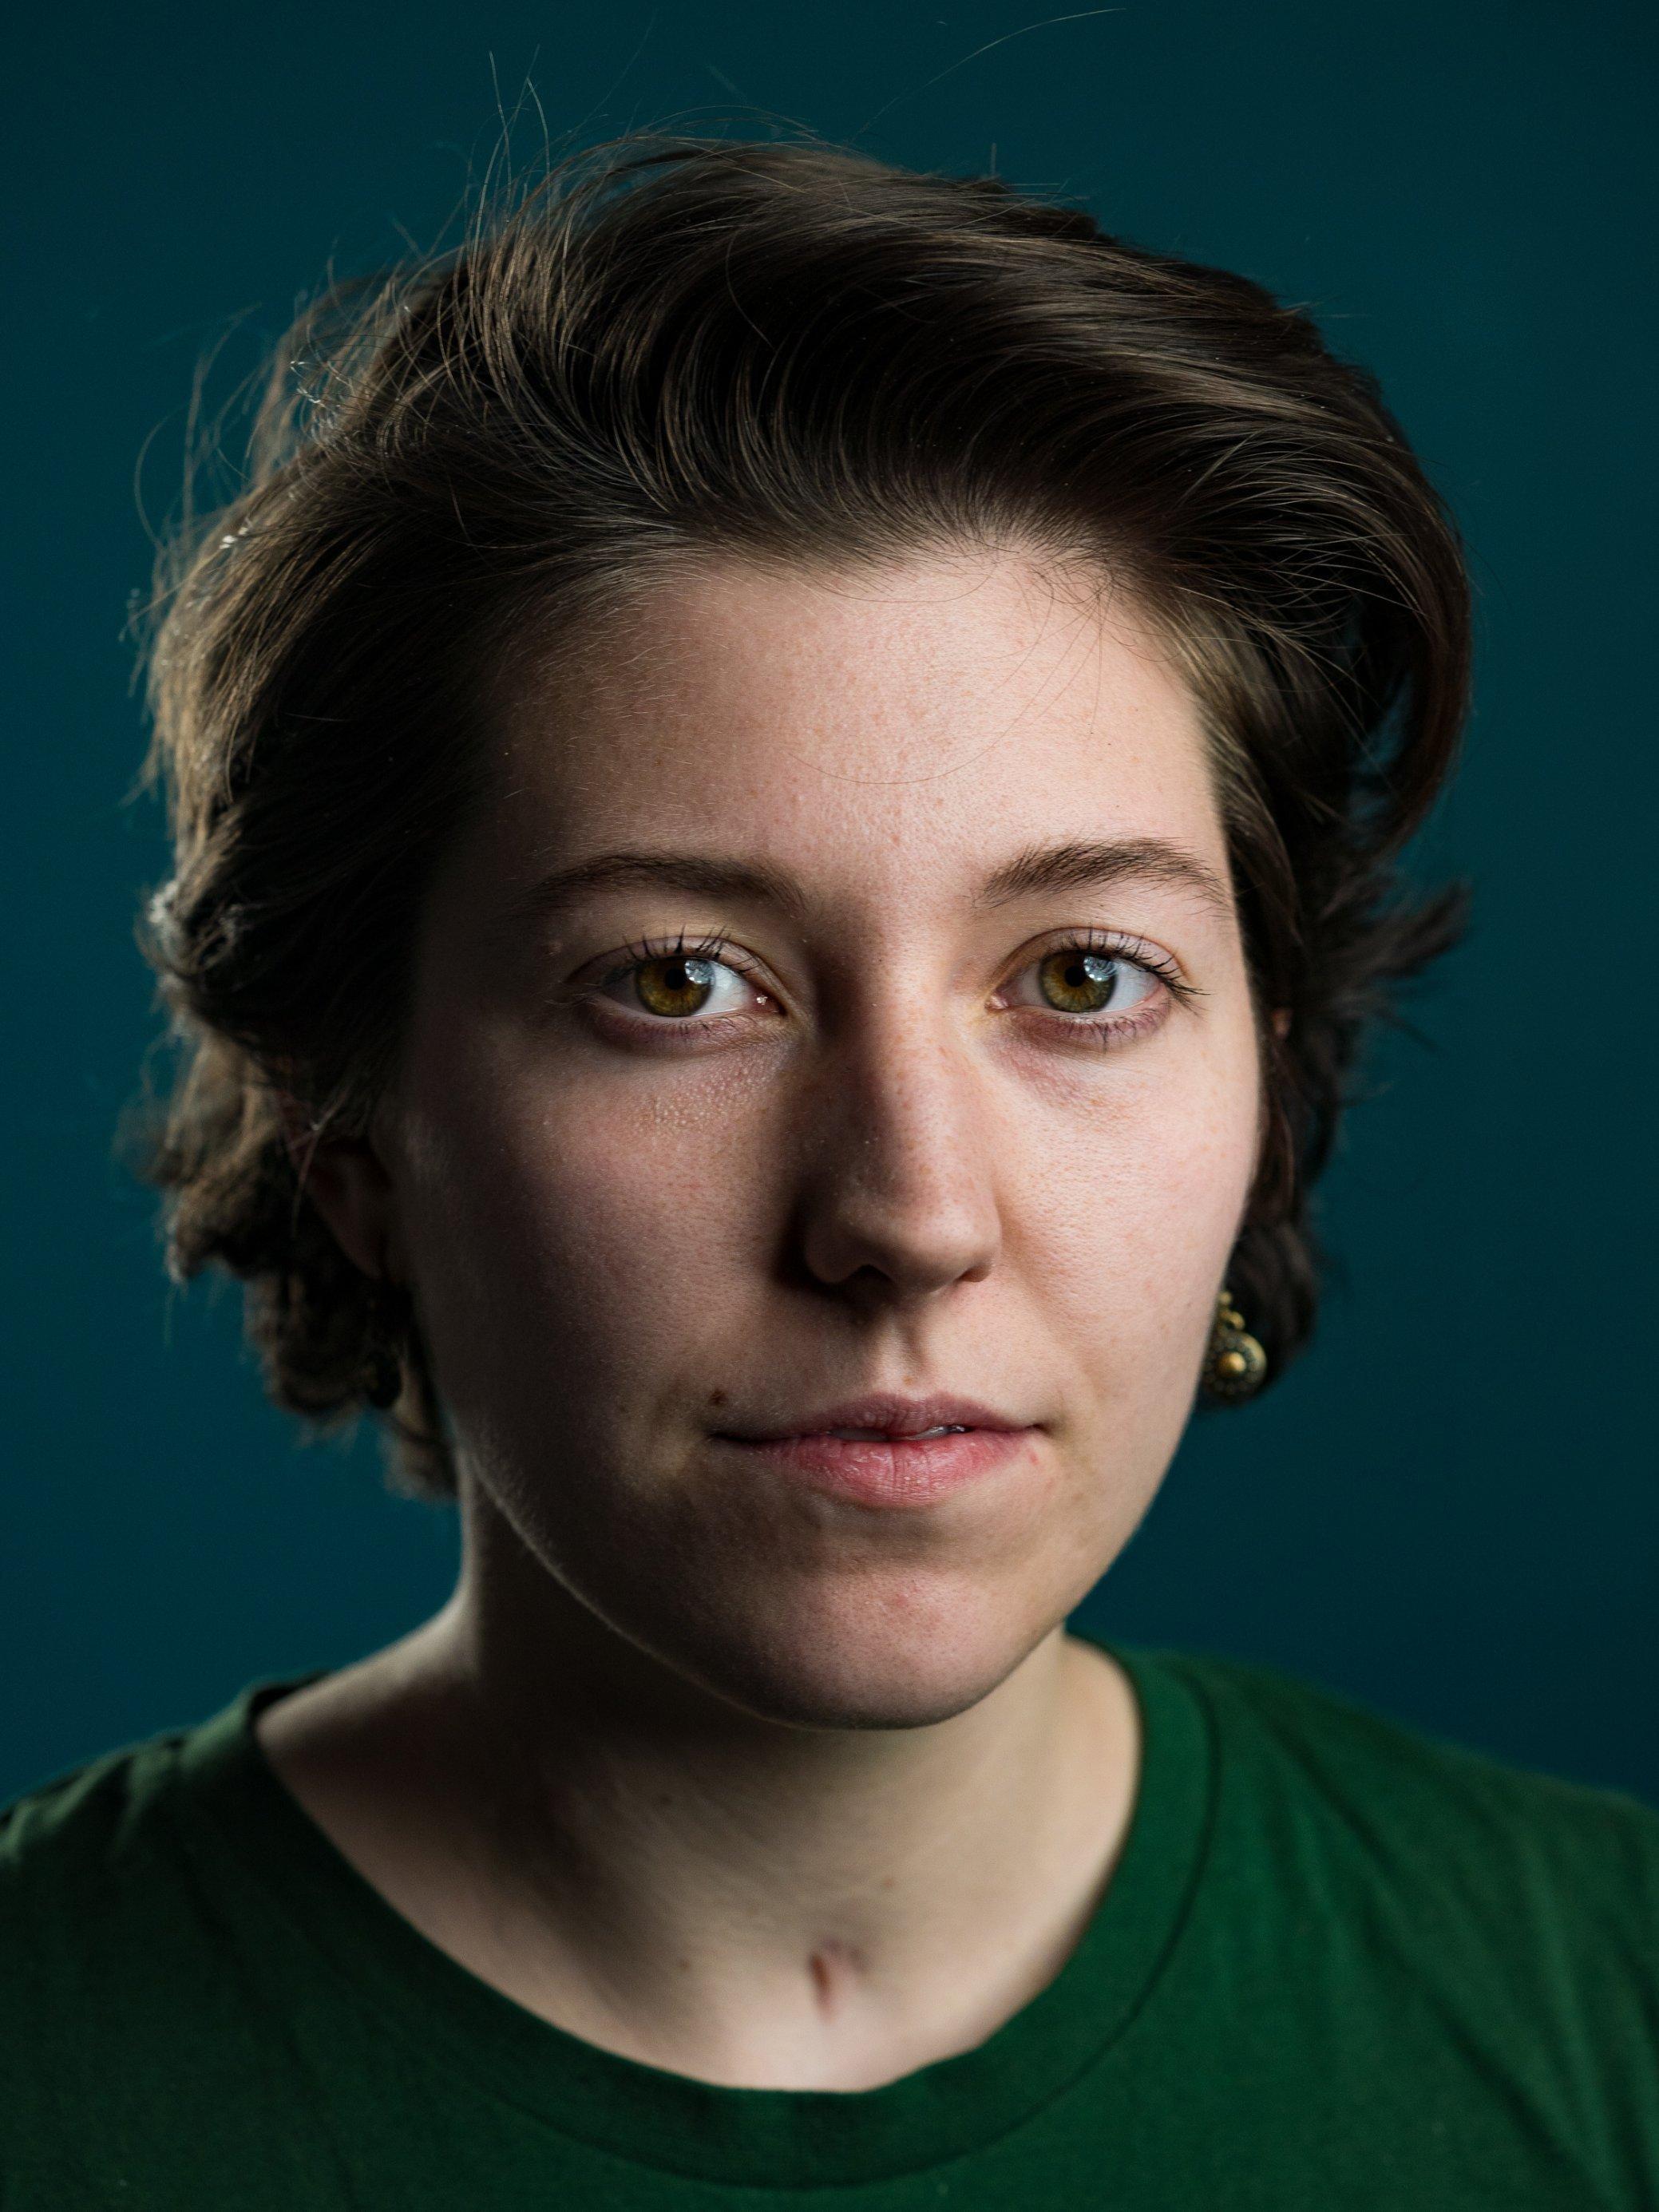 Ein Portrait der an Long-Covid erkrankten Luisa Meißner.